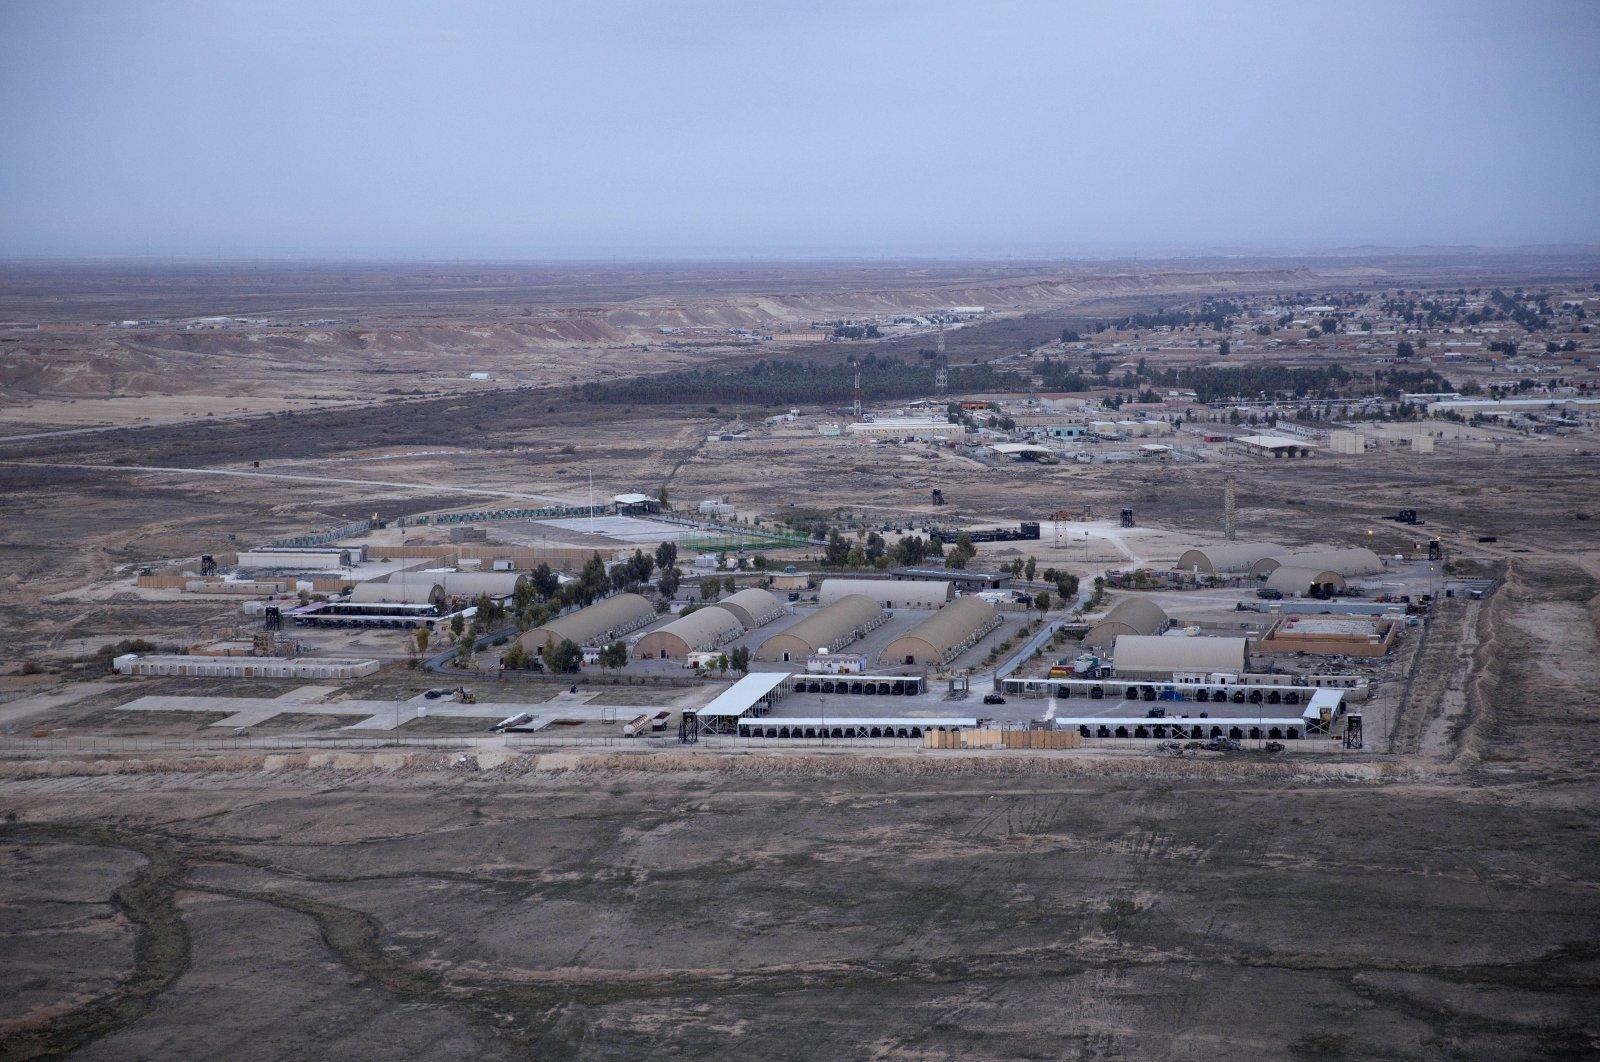 Ain al-Asad air base seen in the western Anbar desert, Iraq, Dec. 29, 2019. (AP Photo)